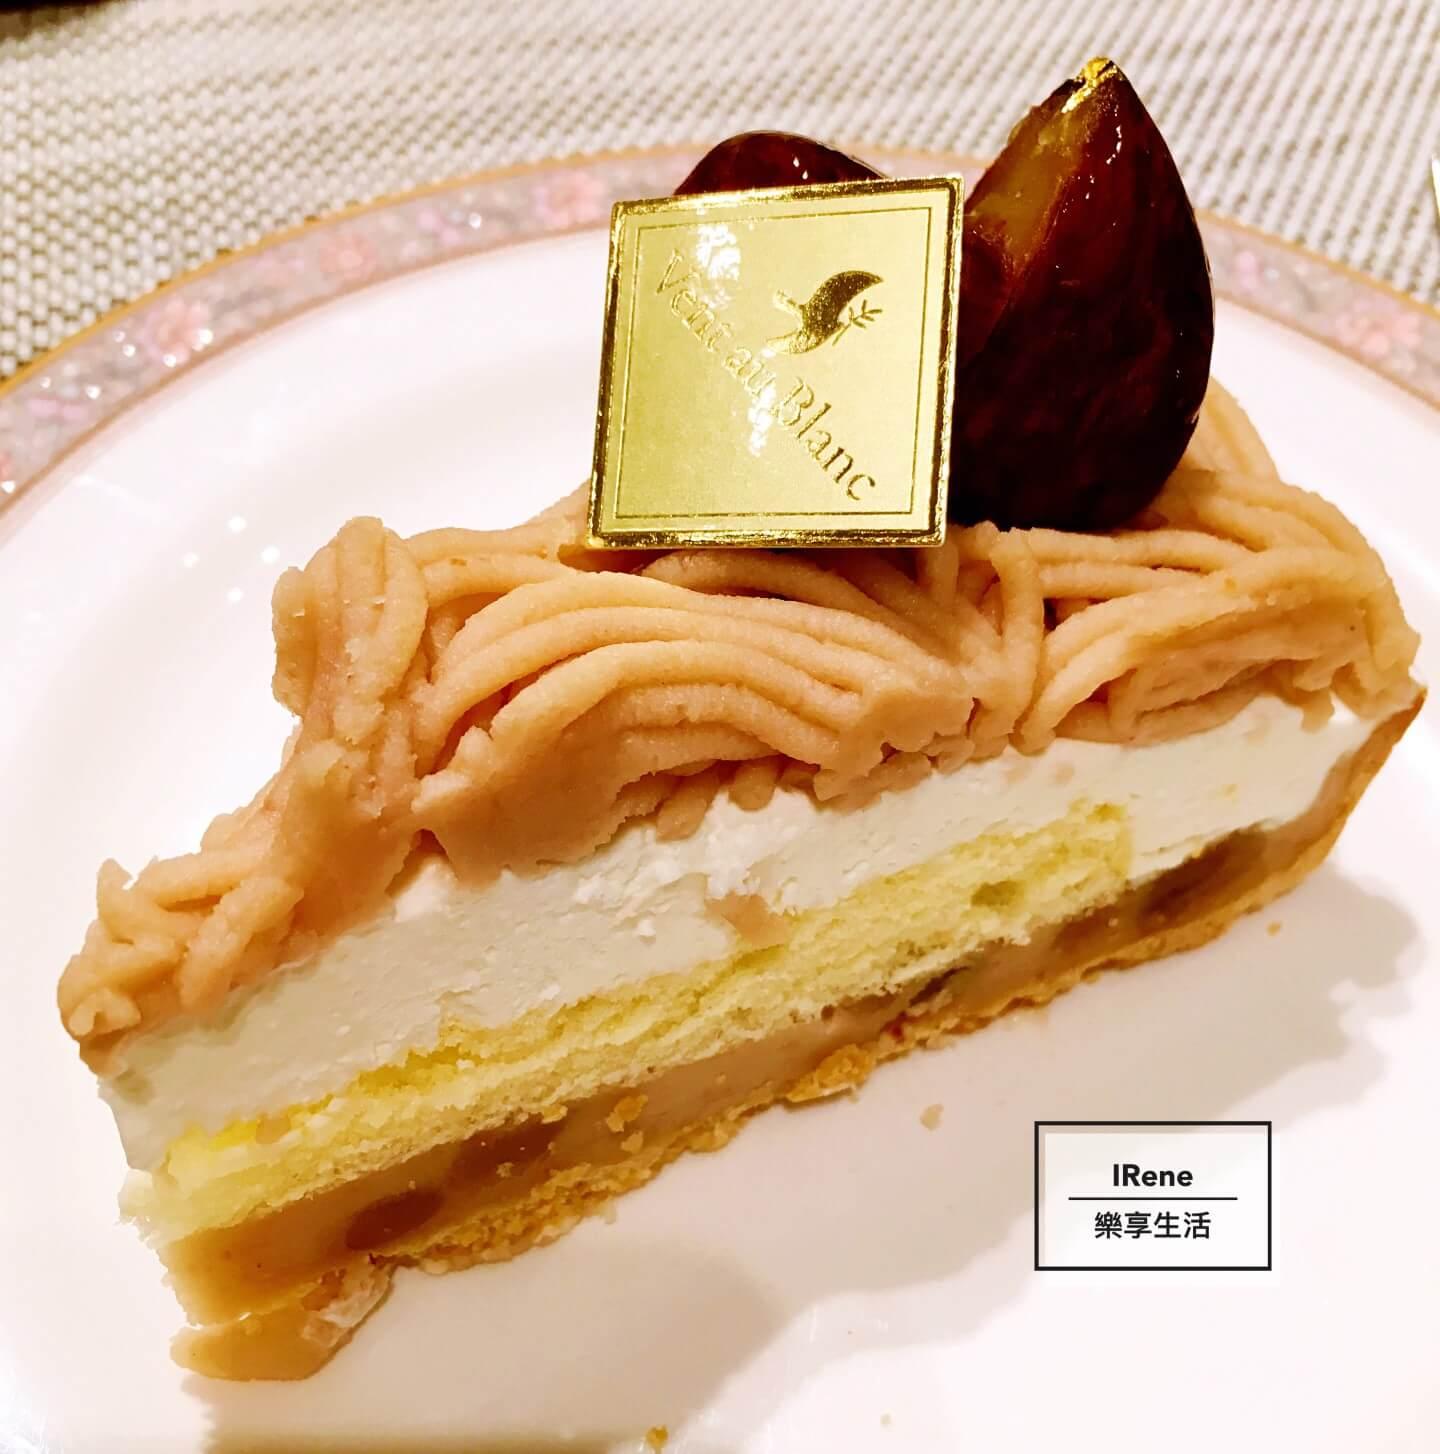 【神戶名店】不只甜點厲害, 還有美味午餐 – 神戶風月堂